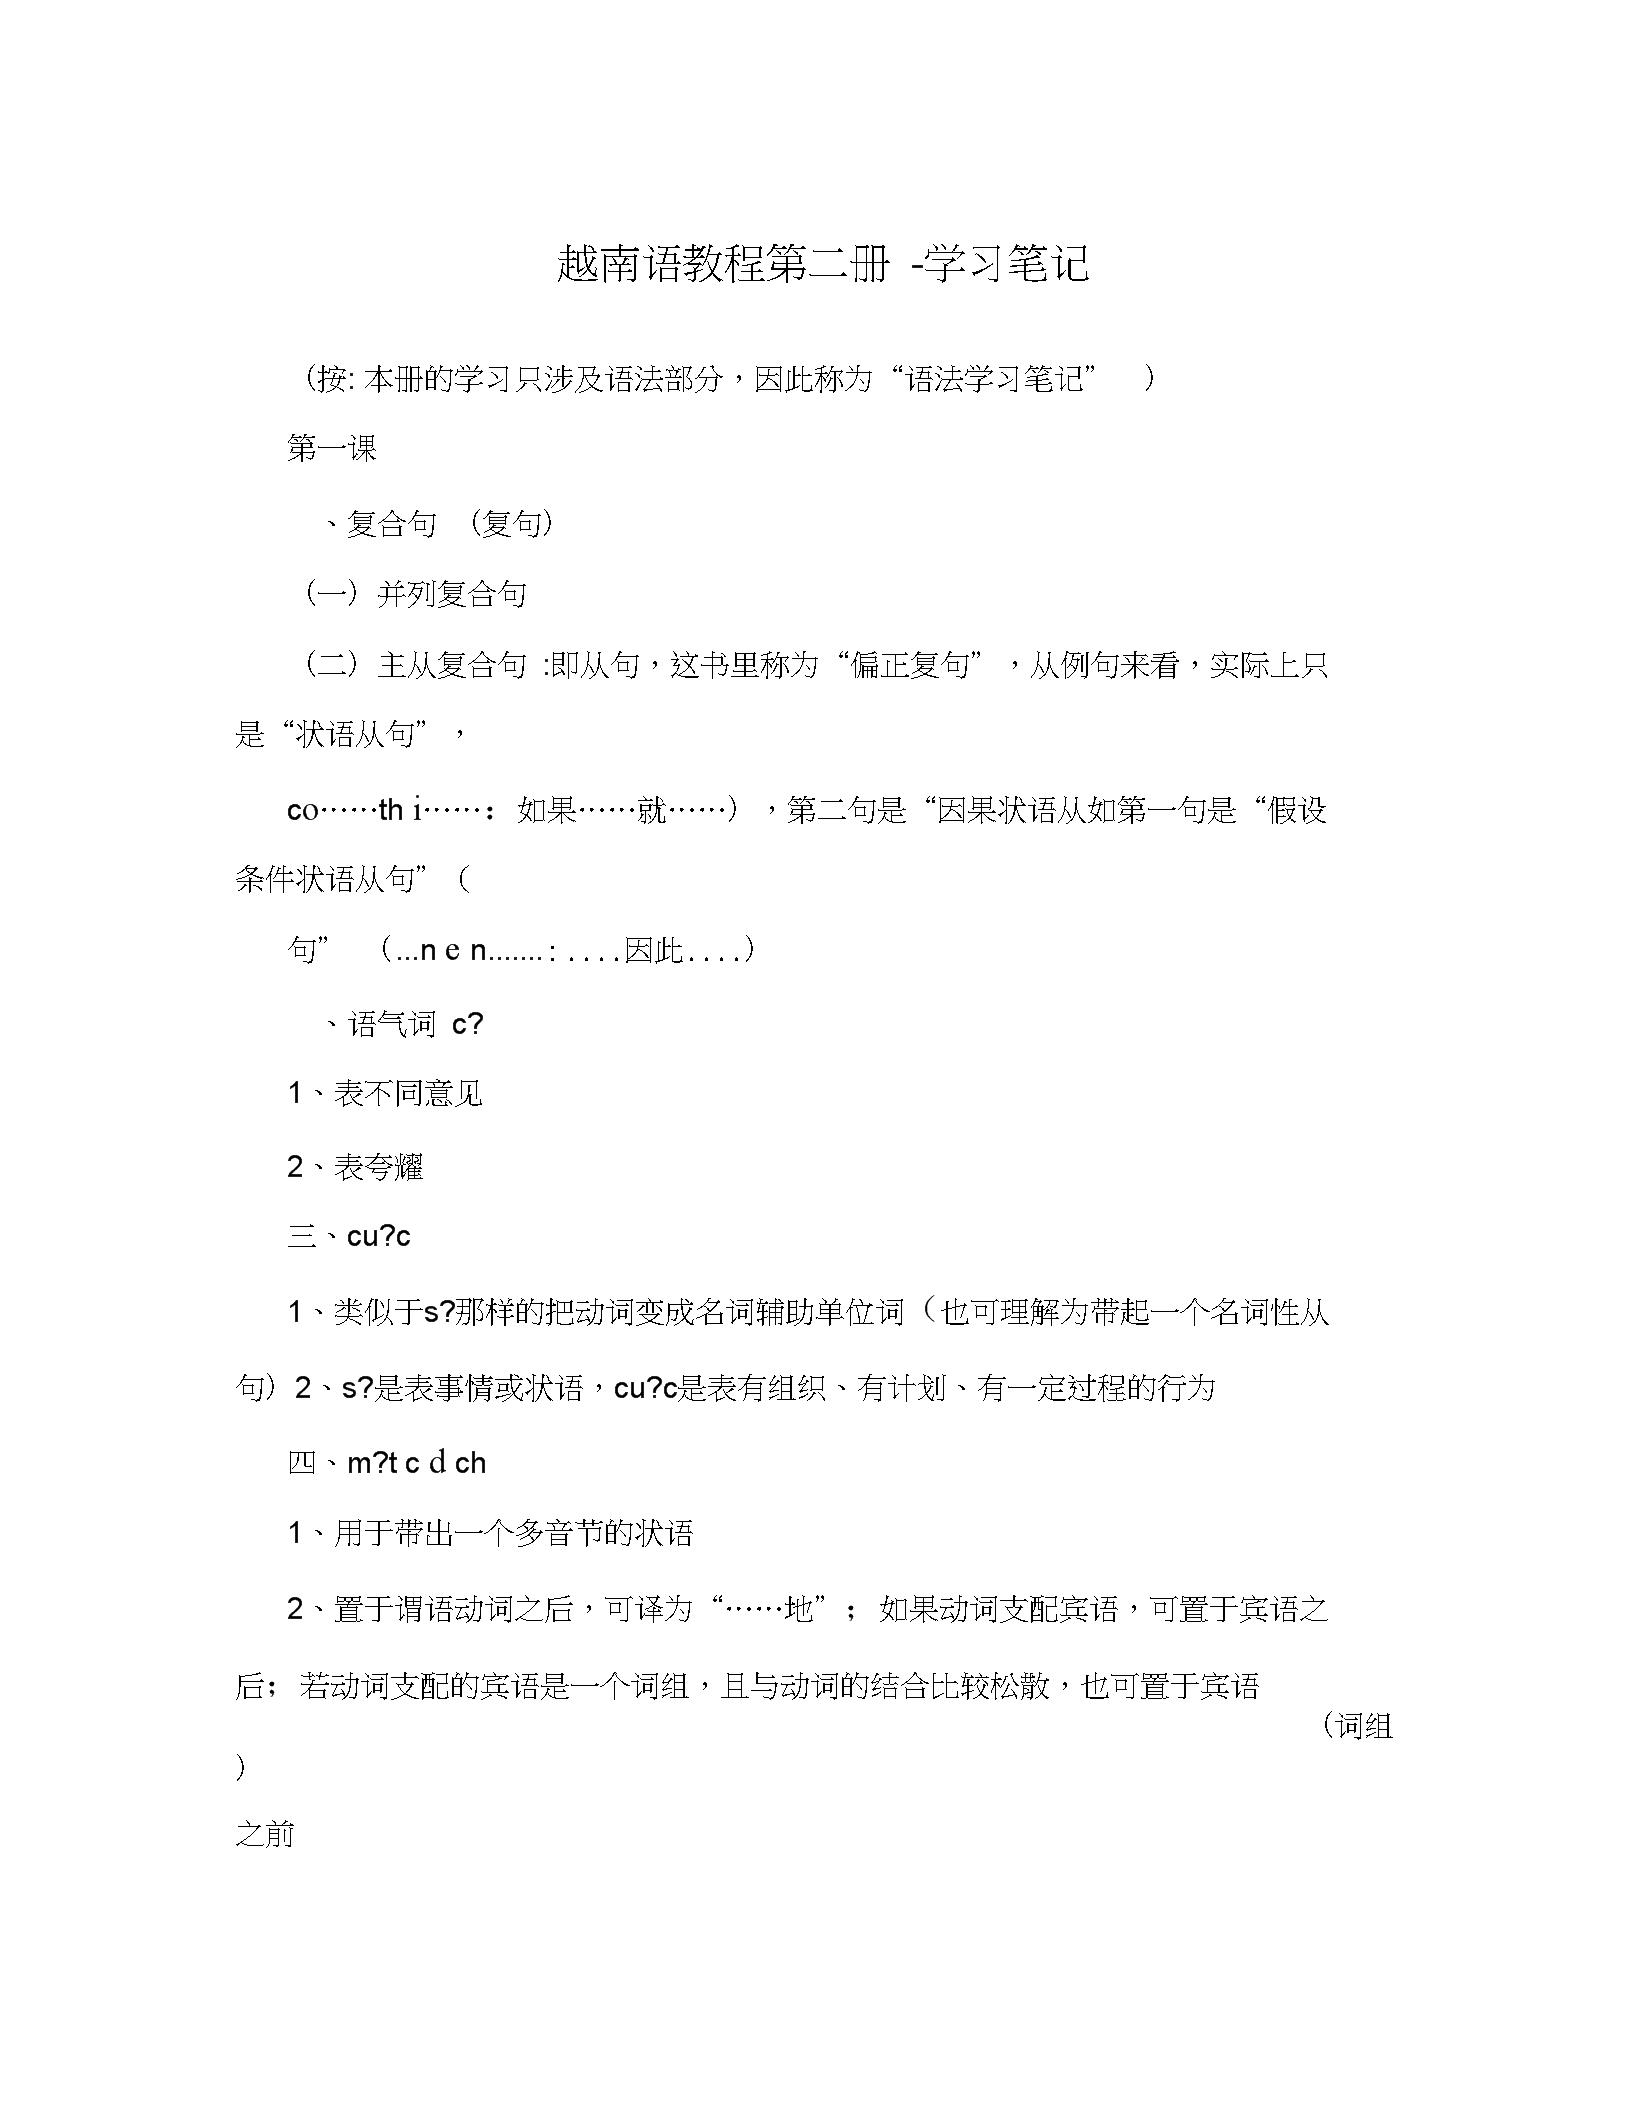 越南语教程第二册-学习笔记.docx